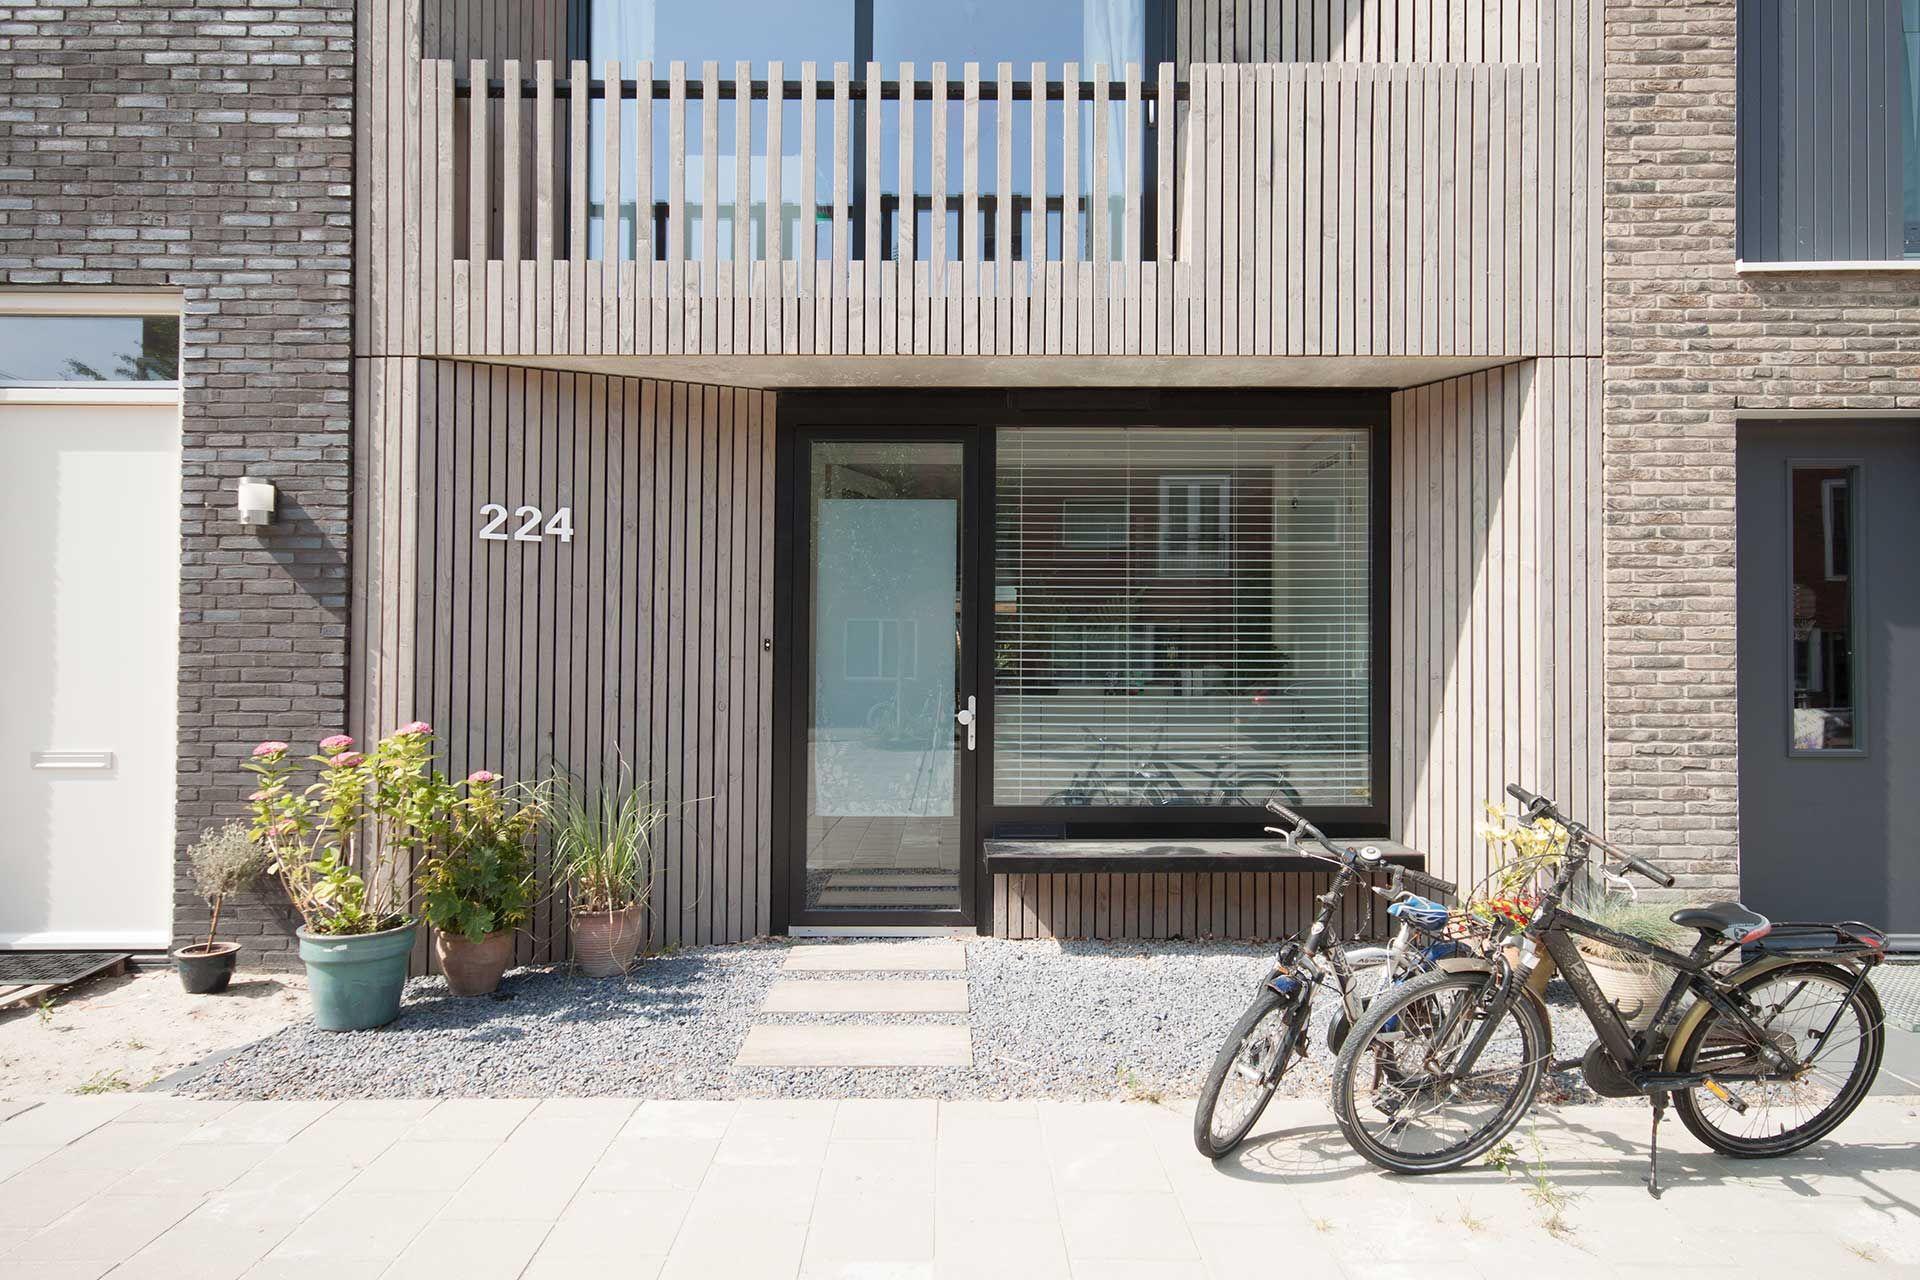 Loggia house, Amsterdam IJburg, Blok 59 - modern rijtjeshuis met vergrijst houten gevel door 8A Architecten